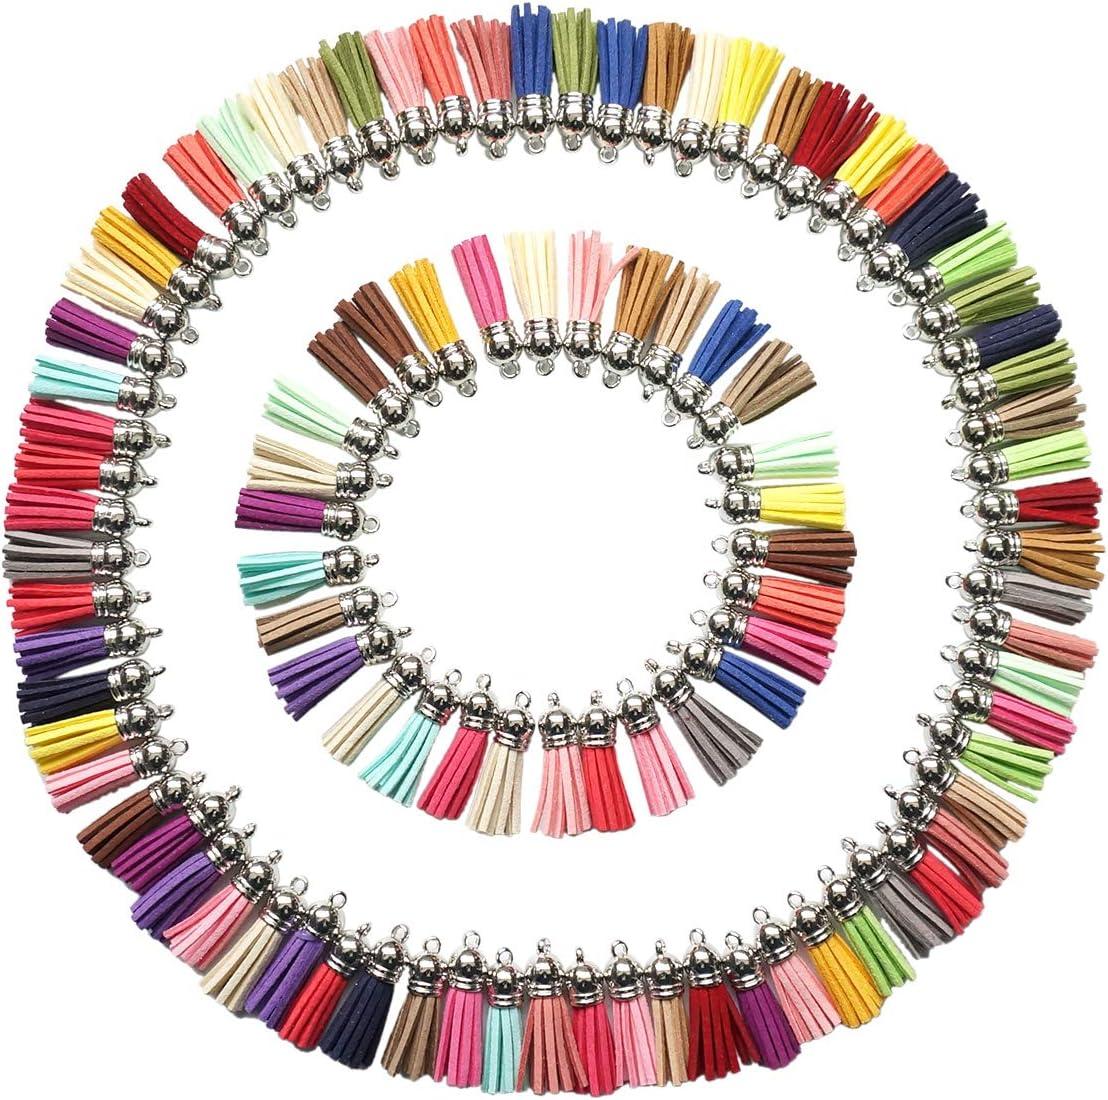 levylisa 100pcs 25 Colors Suede Tassels Pendant,Colorful Tassel with Silver Cap,Fringe Tassels,Faux Leather Tassels Charms,Suede Leather Tassel Charm,Necklace Pendant